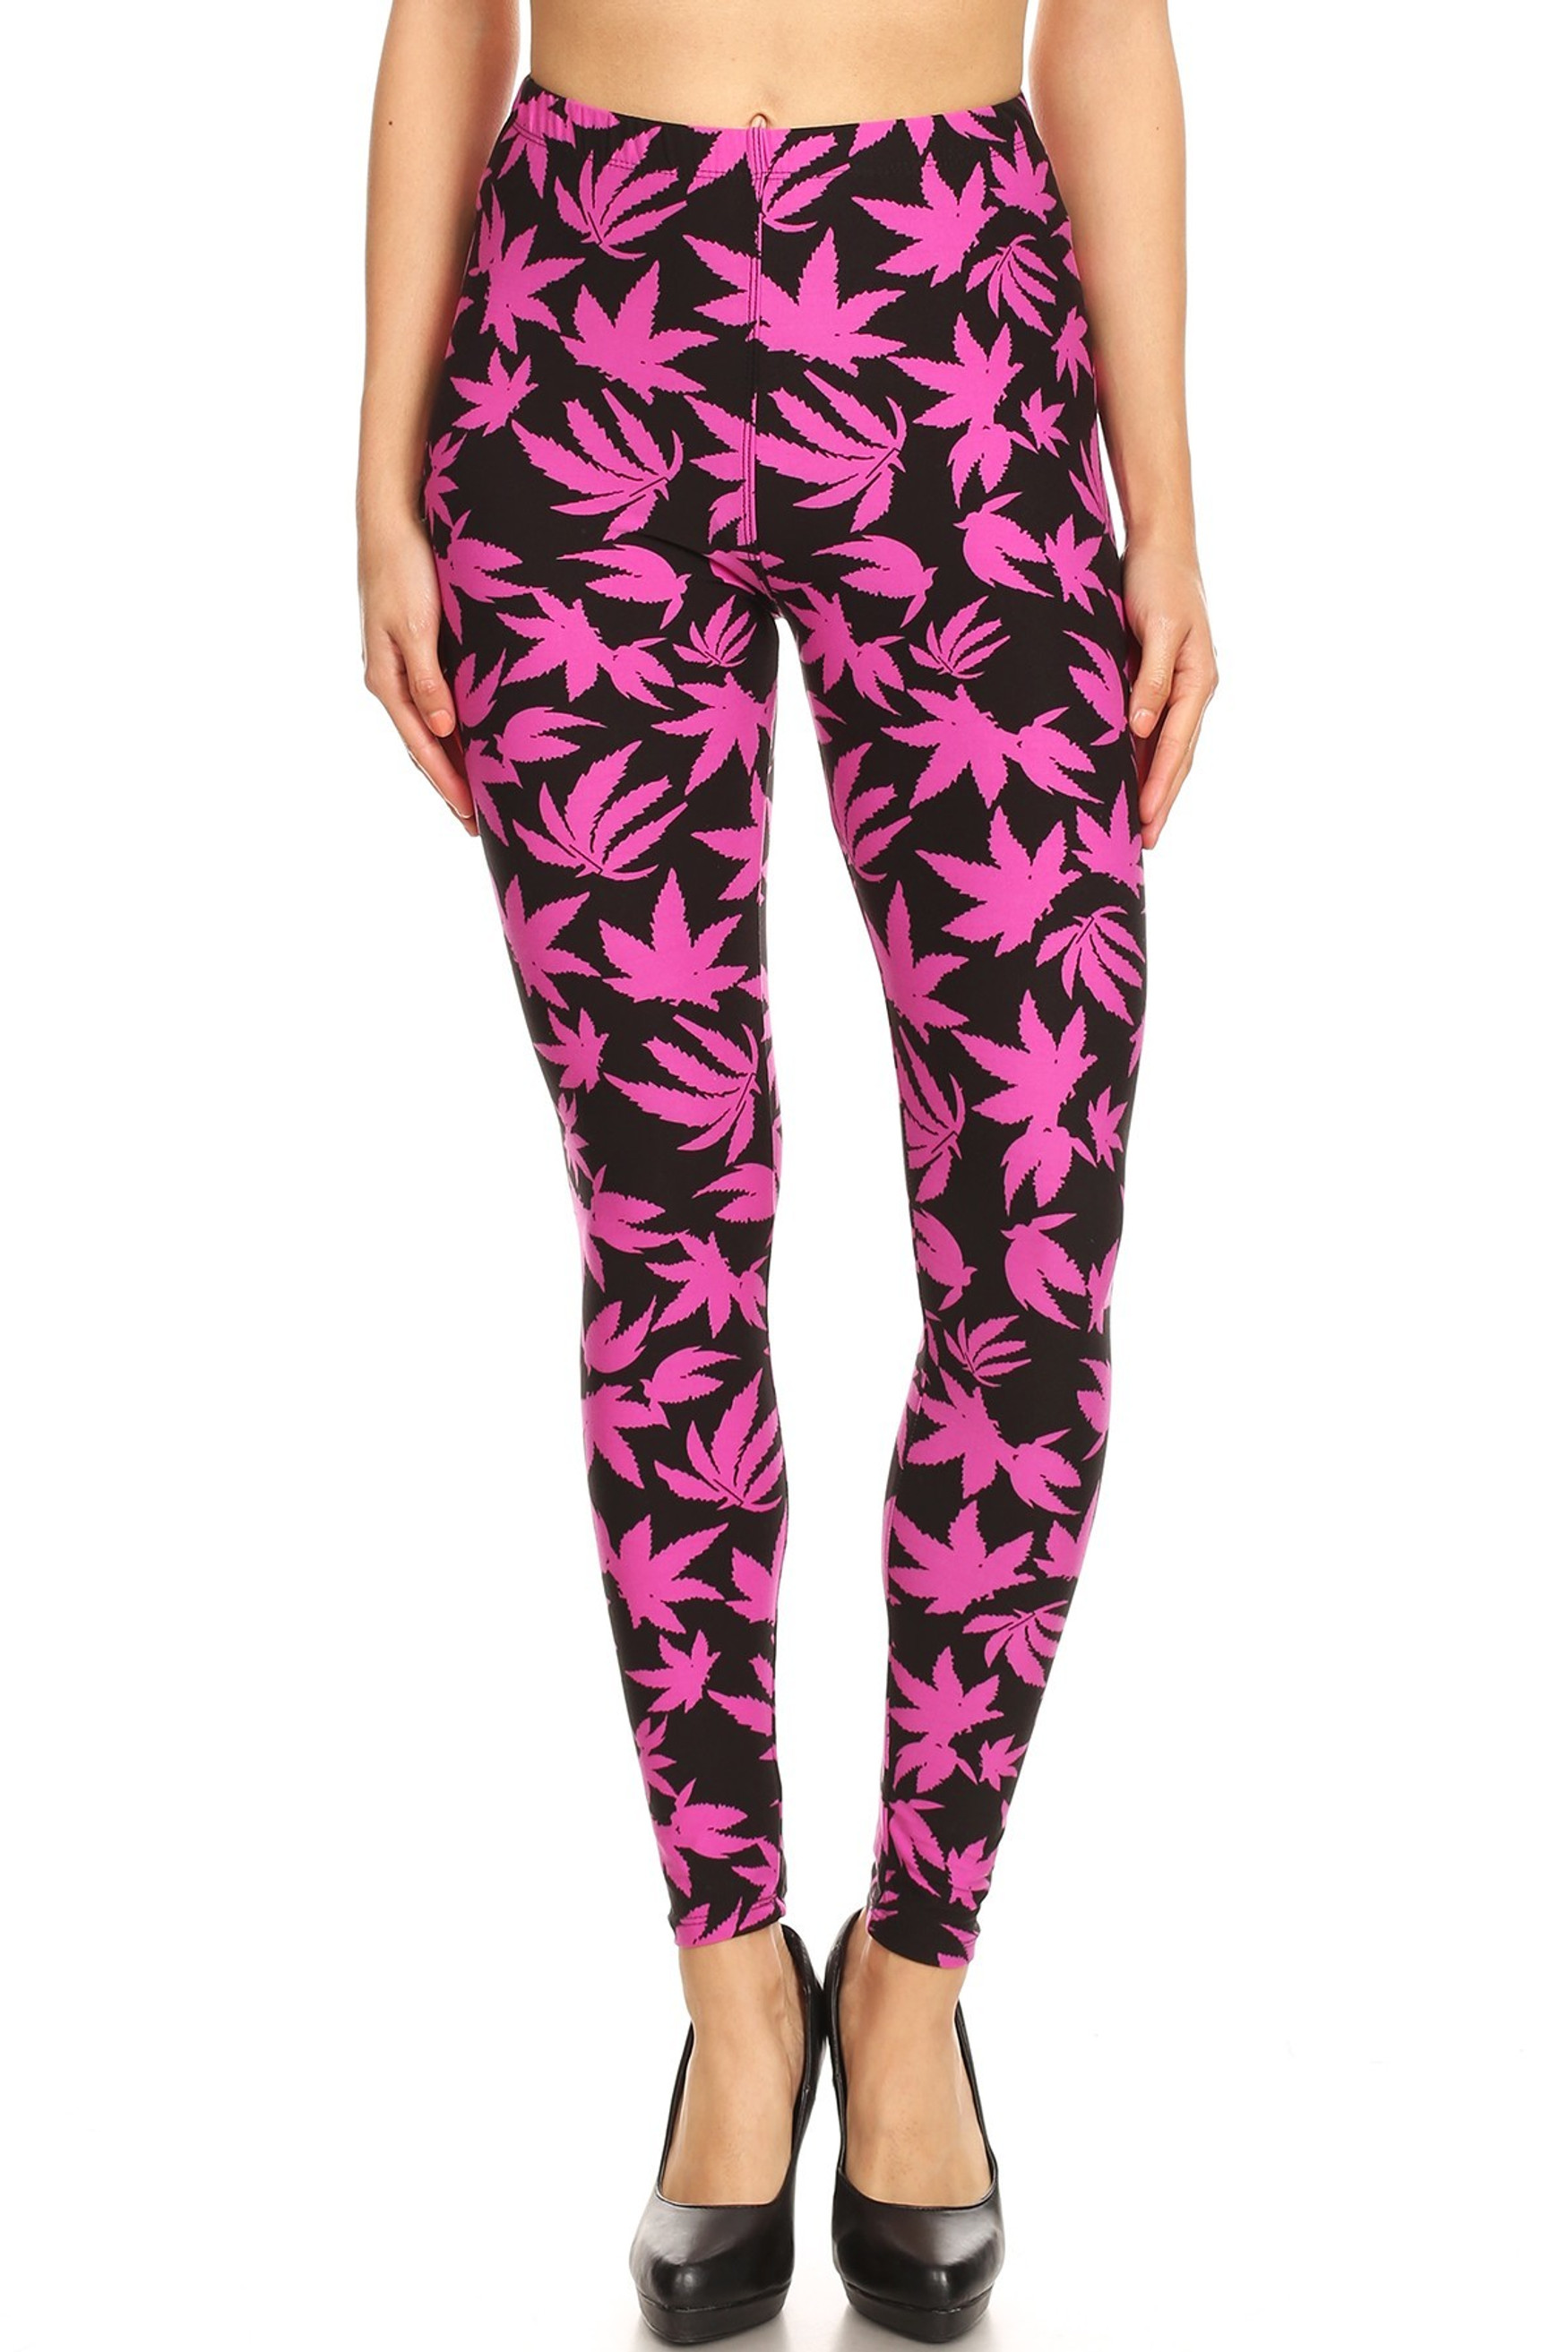 Soft Brushed Solid Fuchsia Marijuana Plus Size Leggings